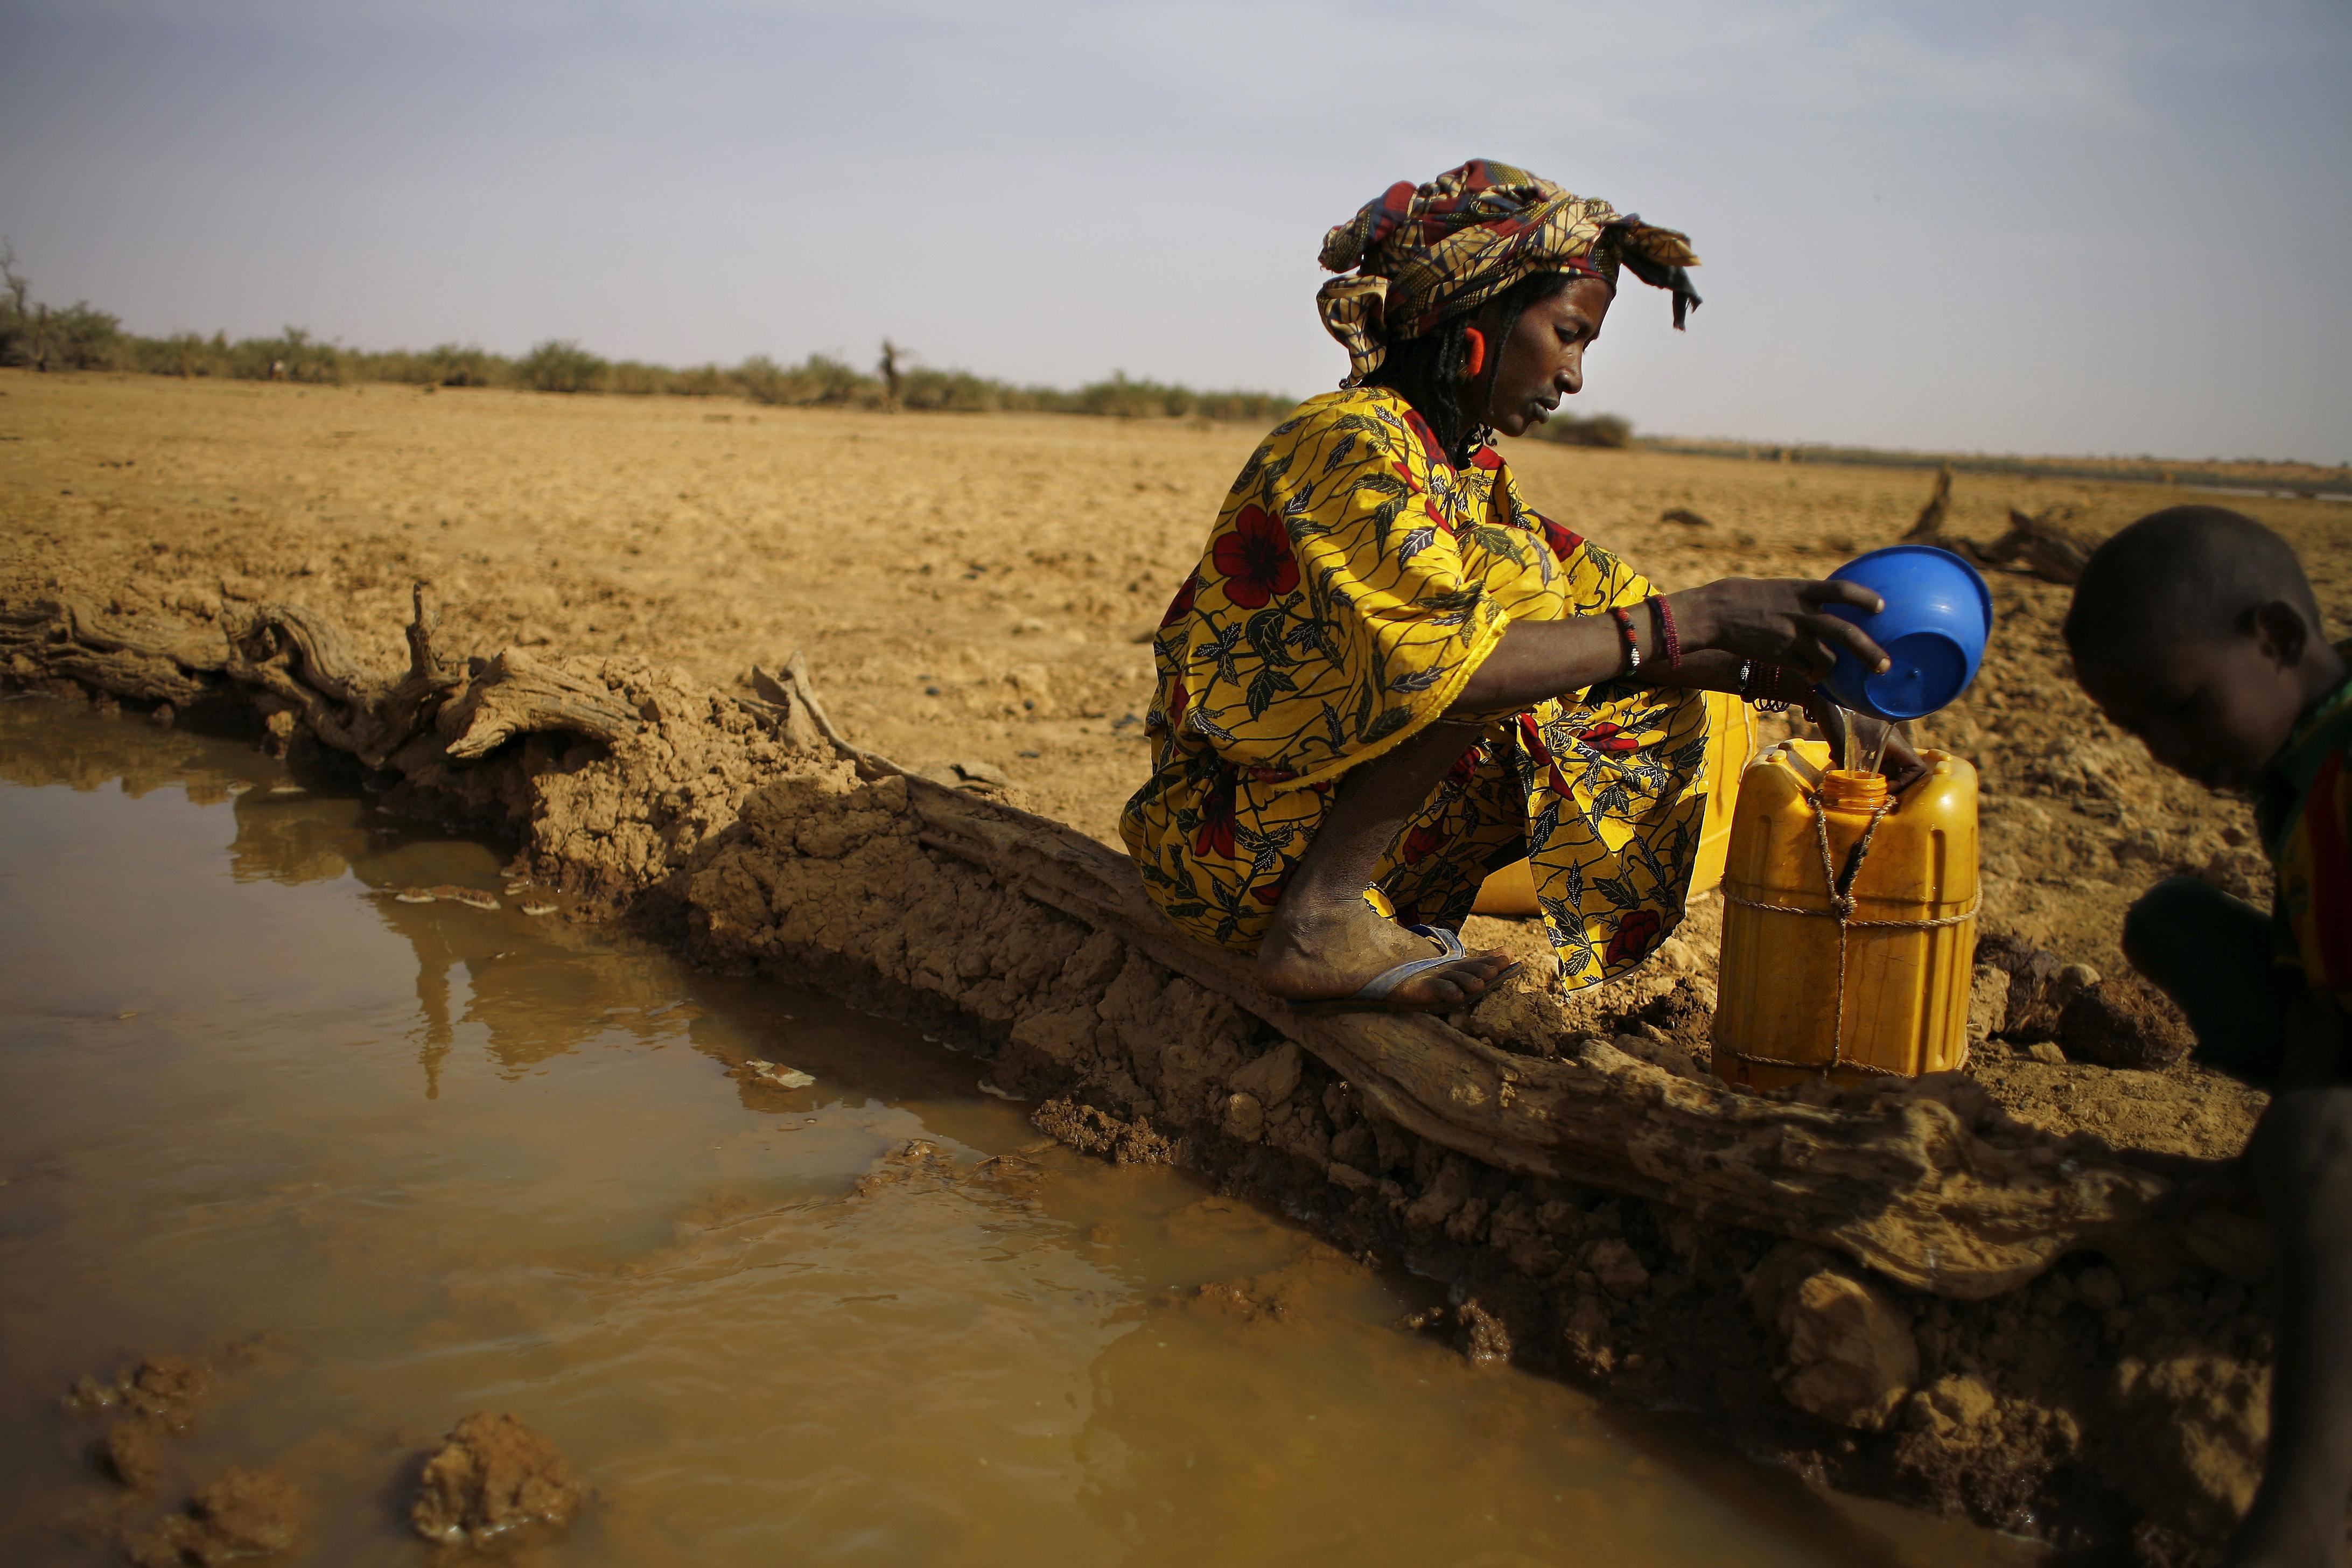 Πρόσφυγες πάνω από 1 εκατ. Αφρικανοί λόγω κλιματικής αλλαγής